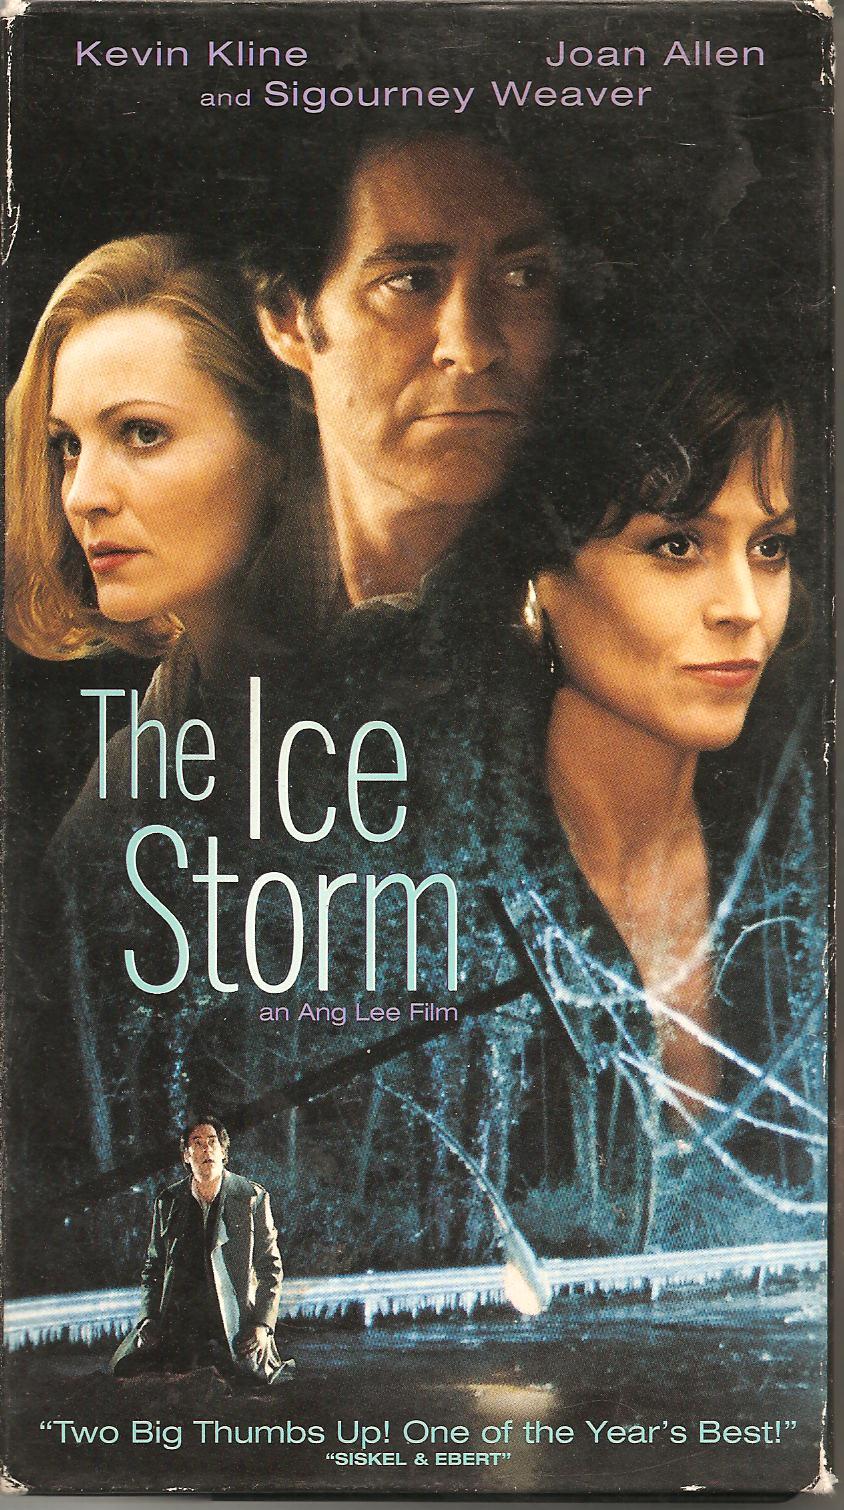 http://2.bp.blogspot.com/-t9sYEZXRsVI/UWX60cZacPI/AAAAAAAACsA/xA_w61HDa-8/s1600/icestorm+001.jpg